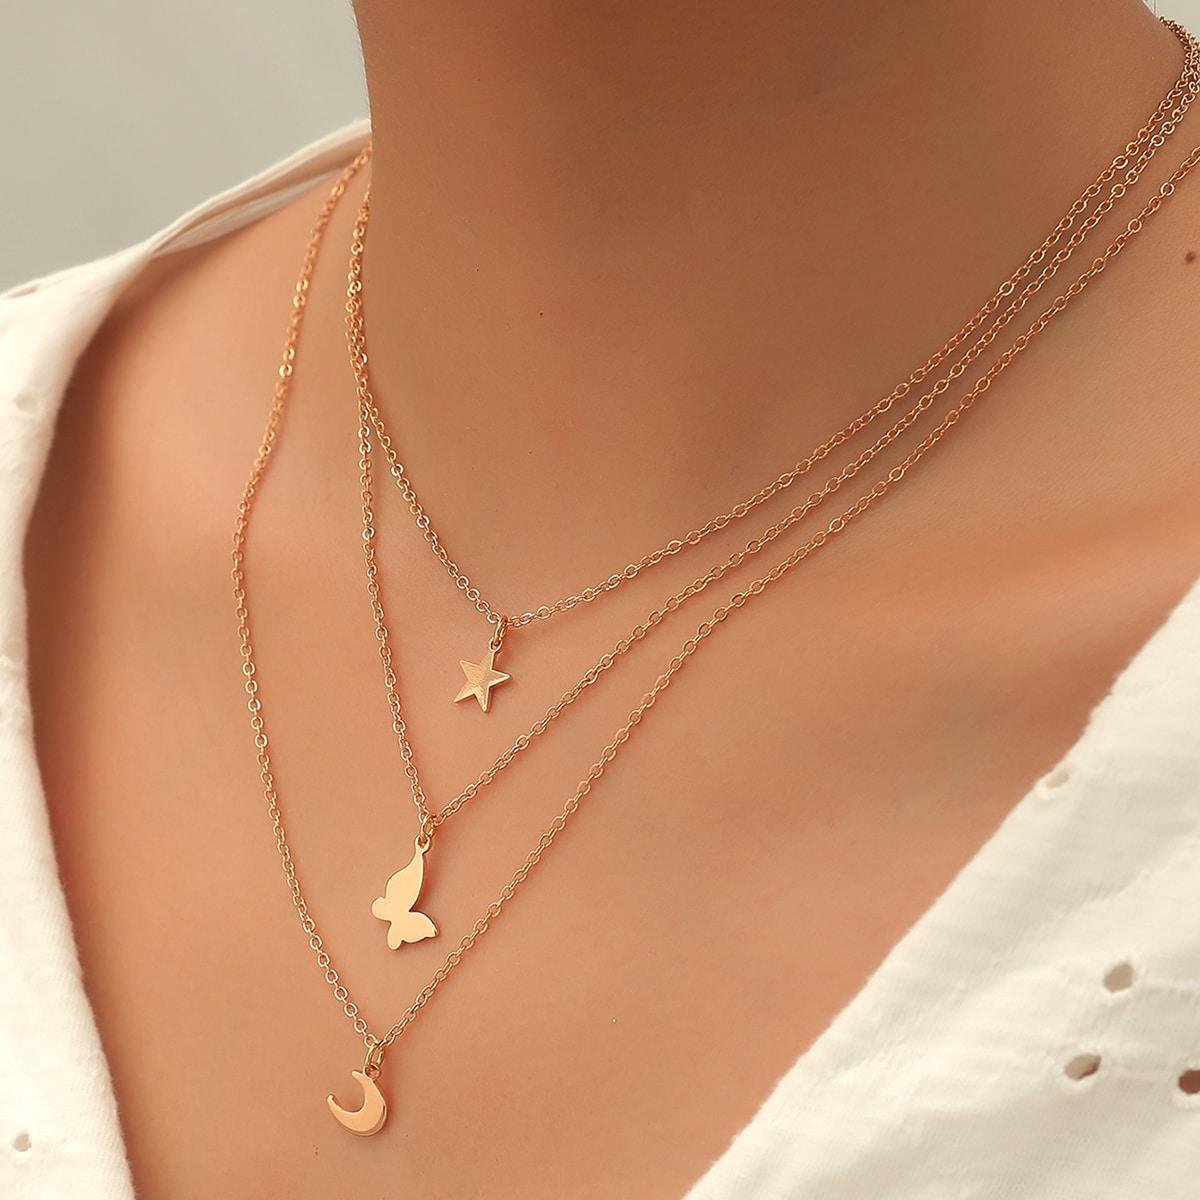 SHEIN / 3 Stücke Halskette mit Stern & Schmetterling Anhänger